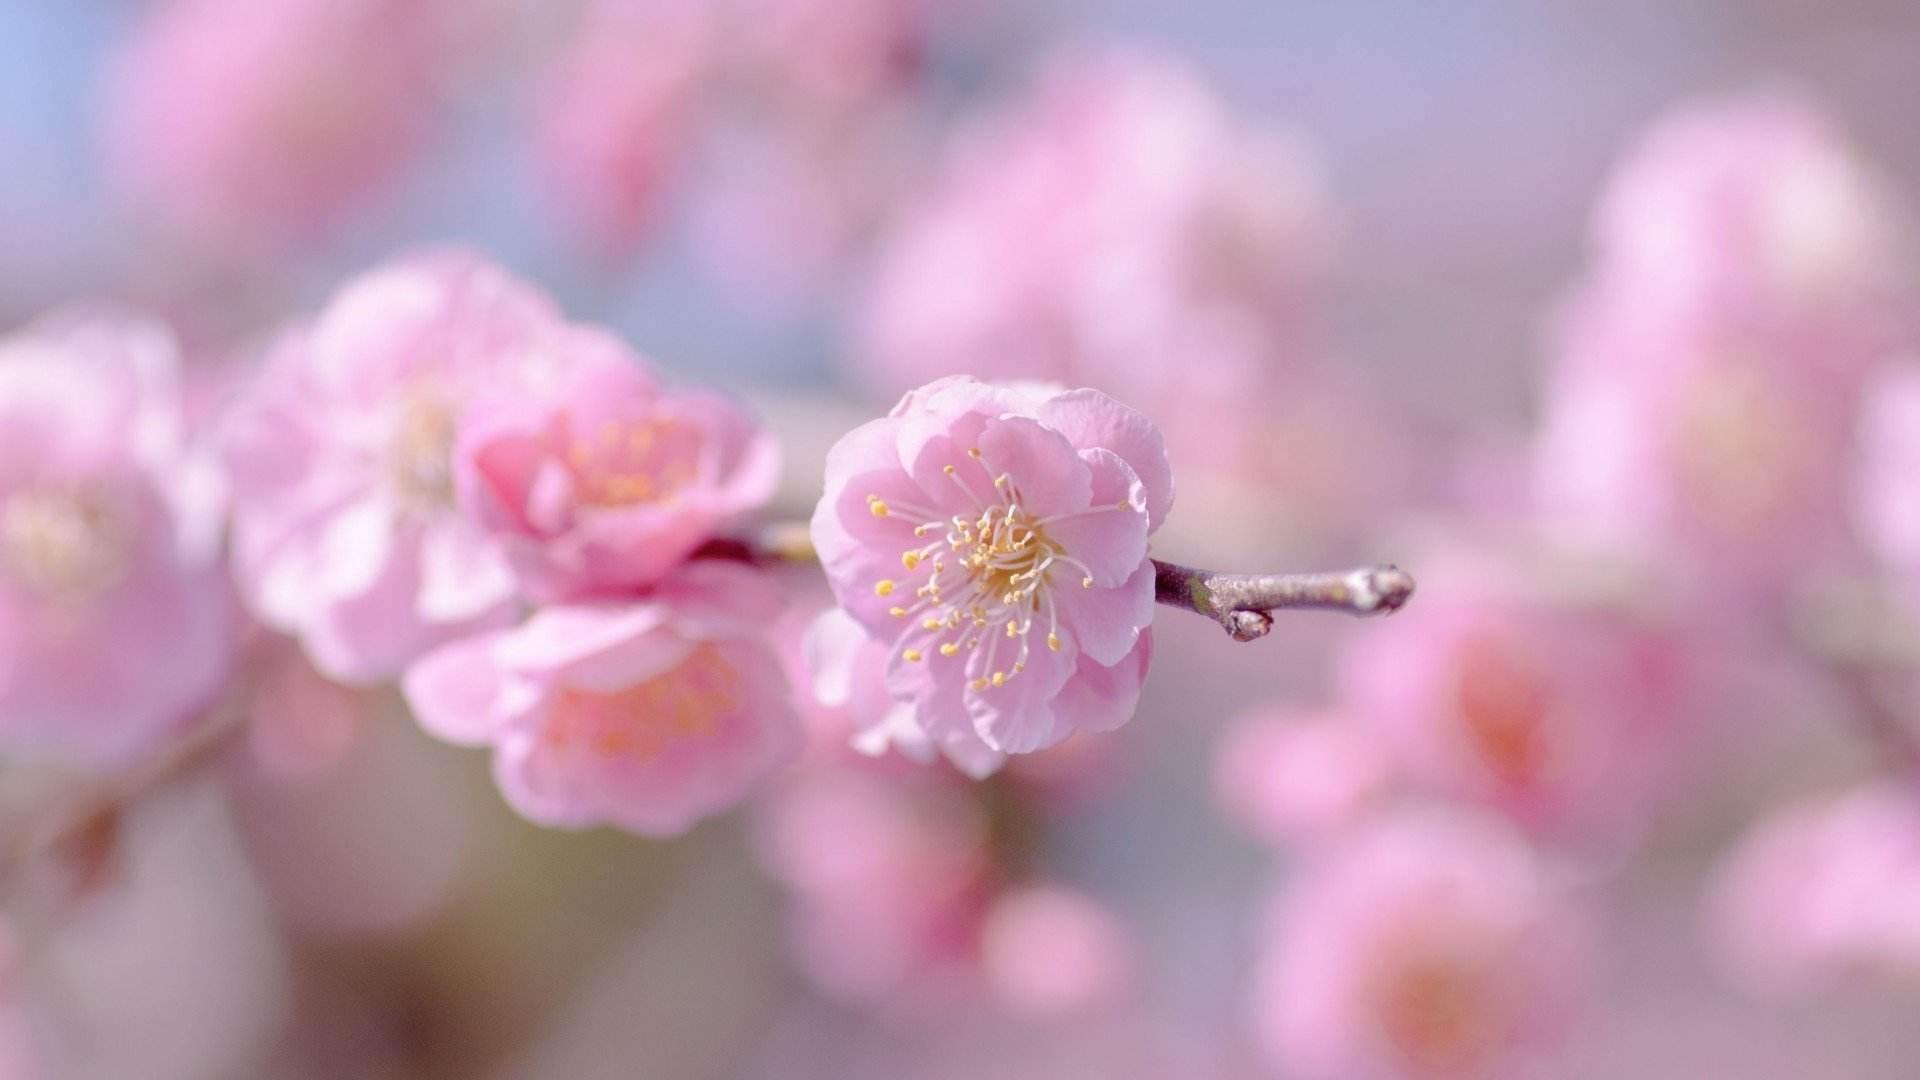 成长的感悟经典心情说说:生命终将是孤独的